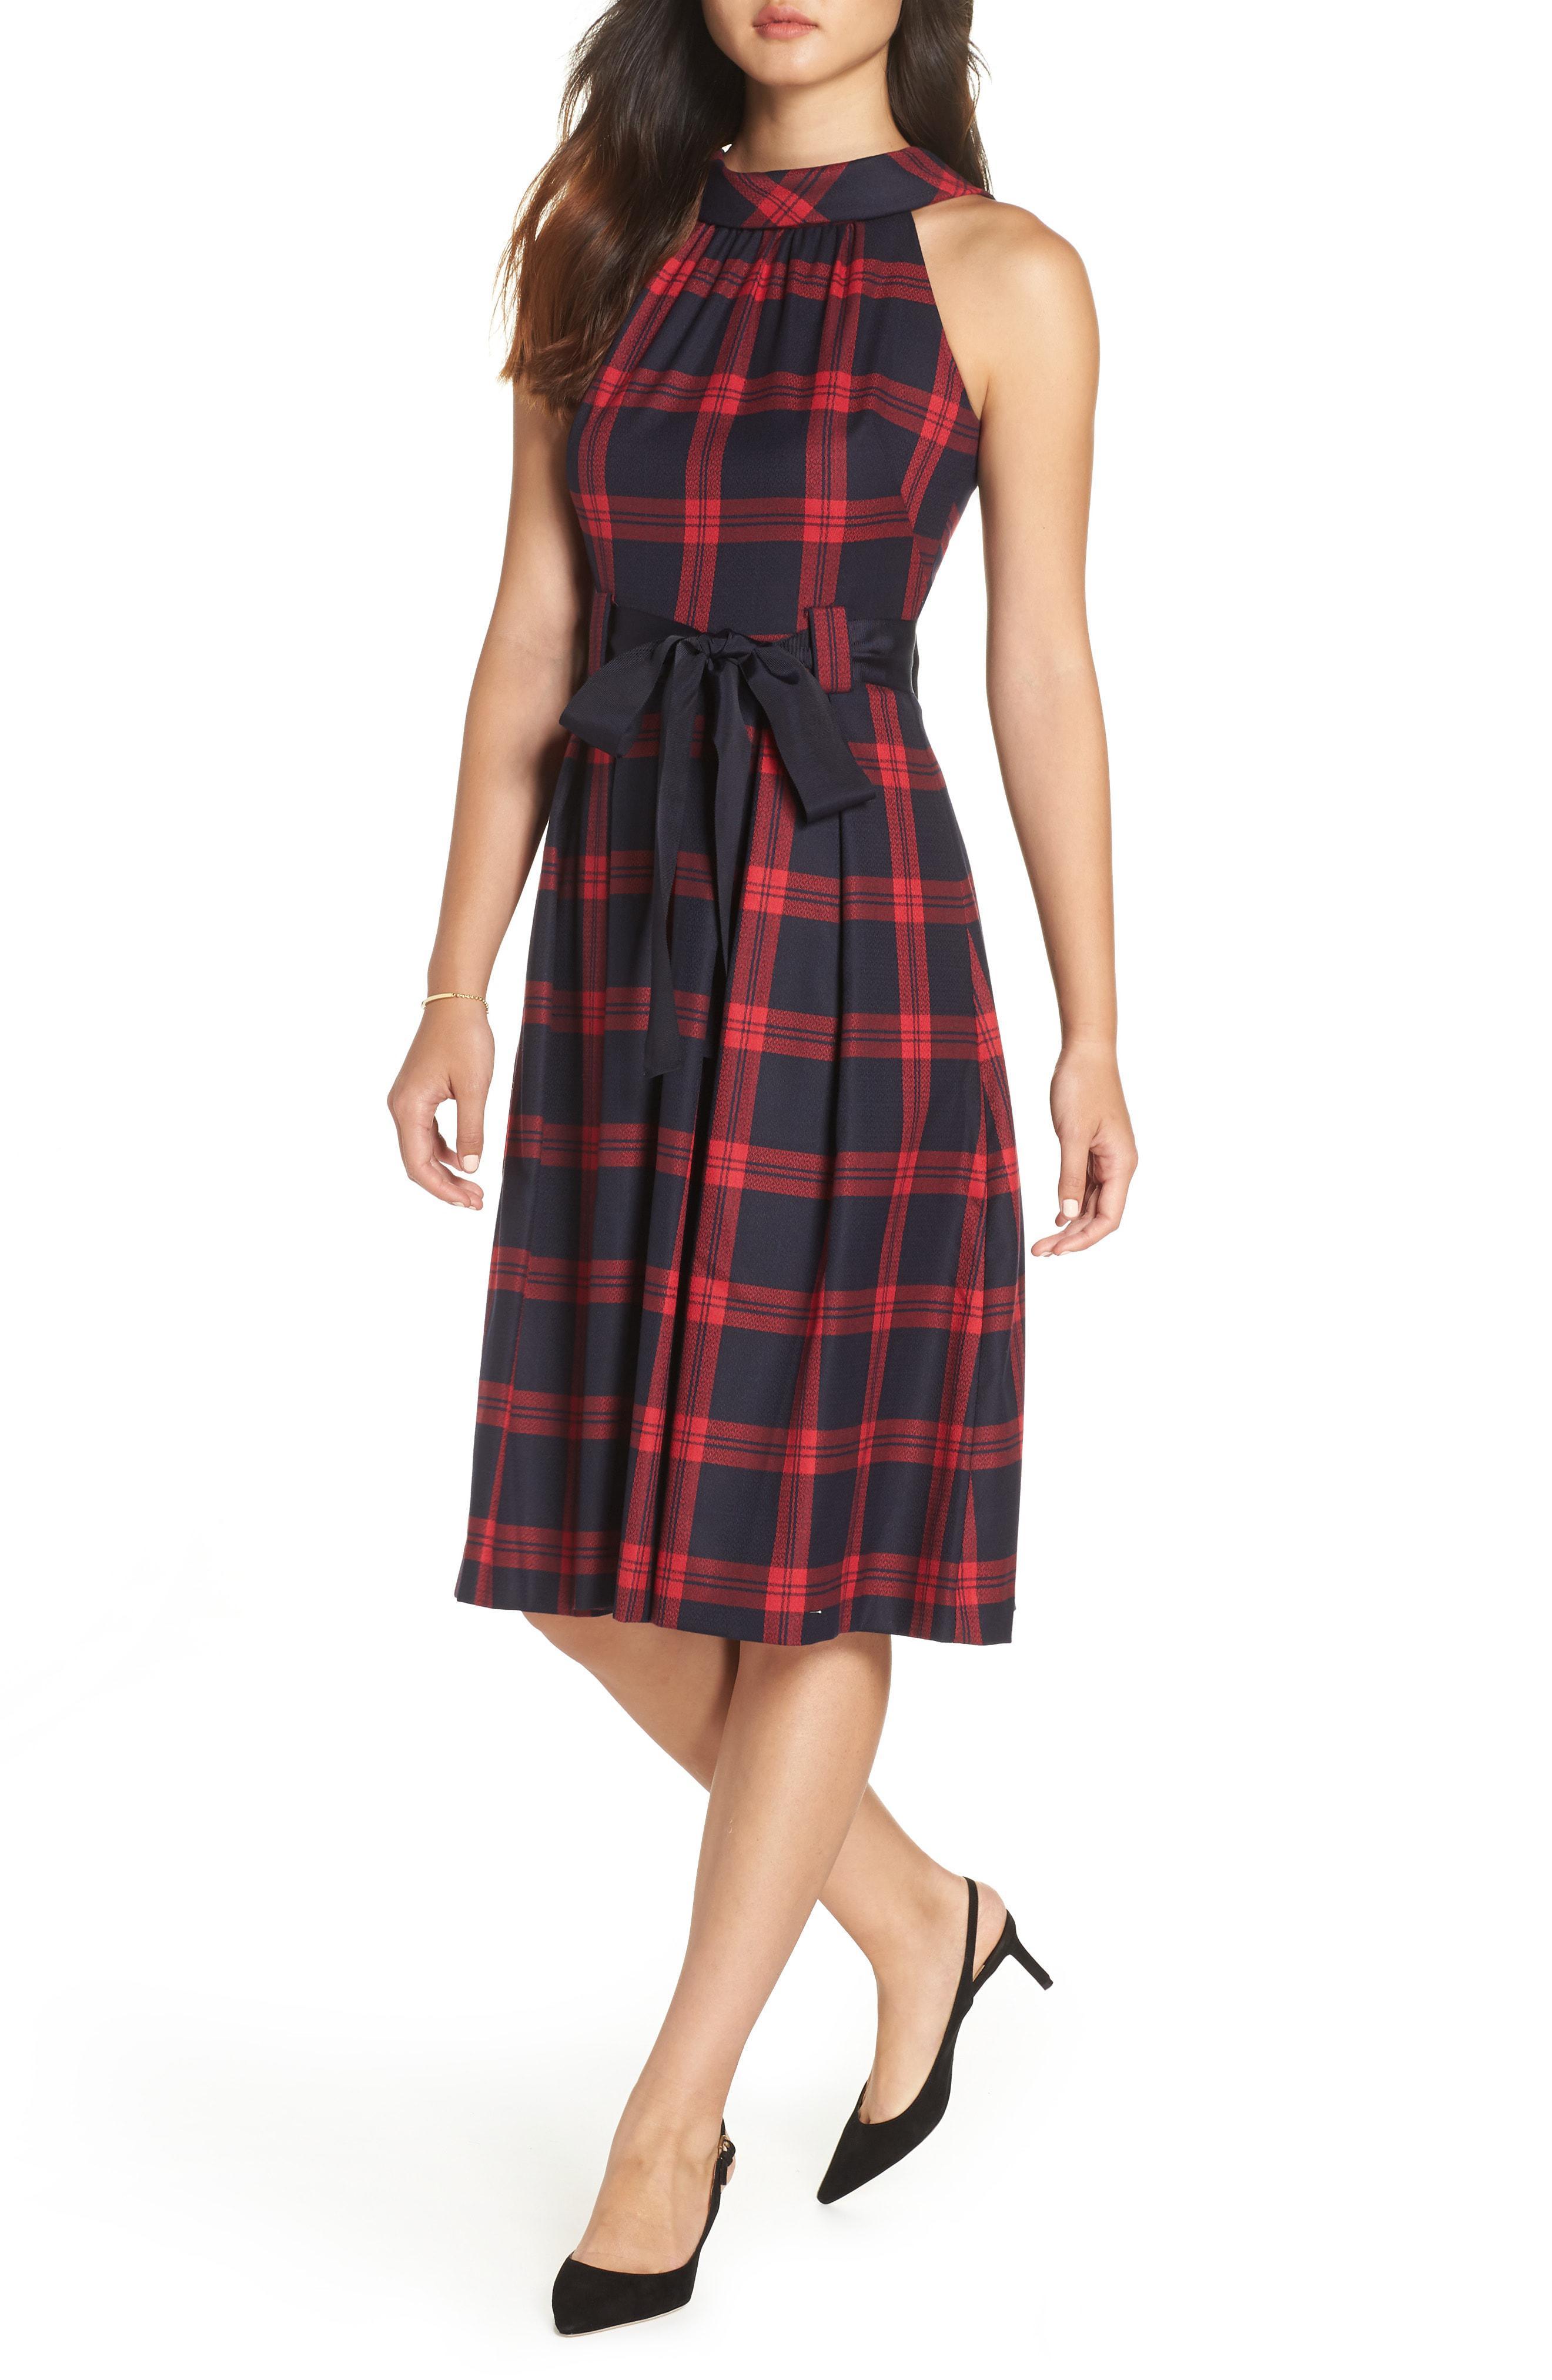 7f210f2cdb3 Lyst - Nordstrom 1901 Jacquard Fit   Flare Dress in Red